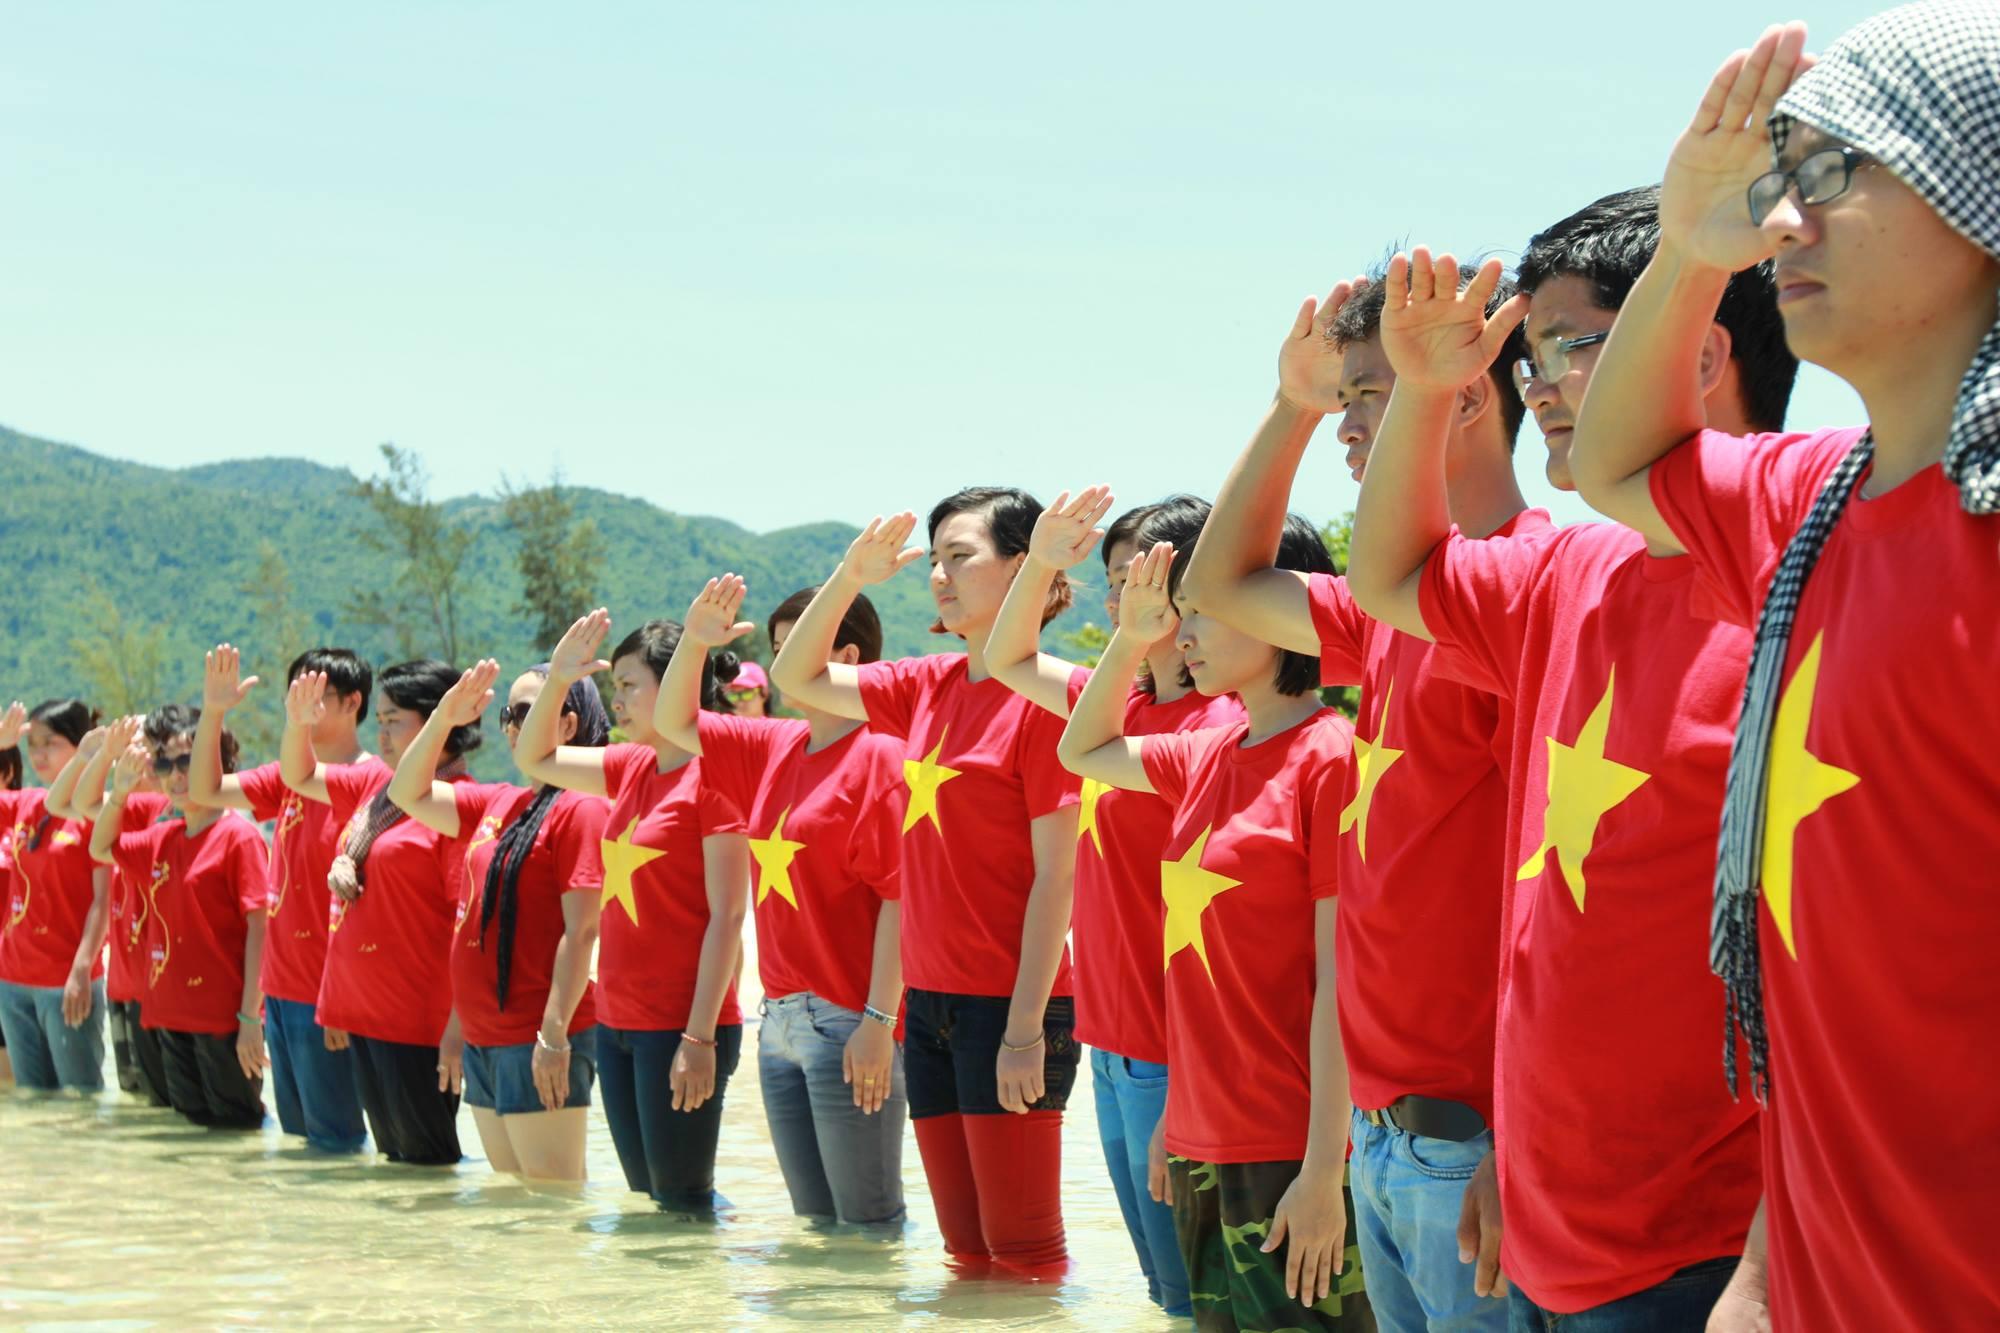 Tình hình biển Đông ngày 28/5: Tàu Trung Quốc tiếp tục dùng vòi rồng tấn công tàu Kiểm ngư Việt Nam 6